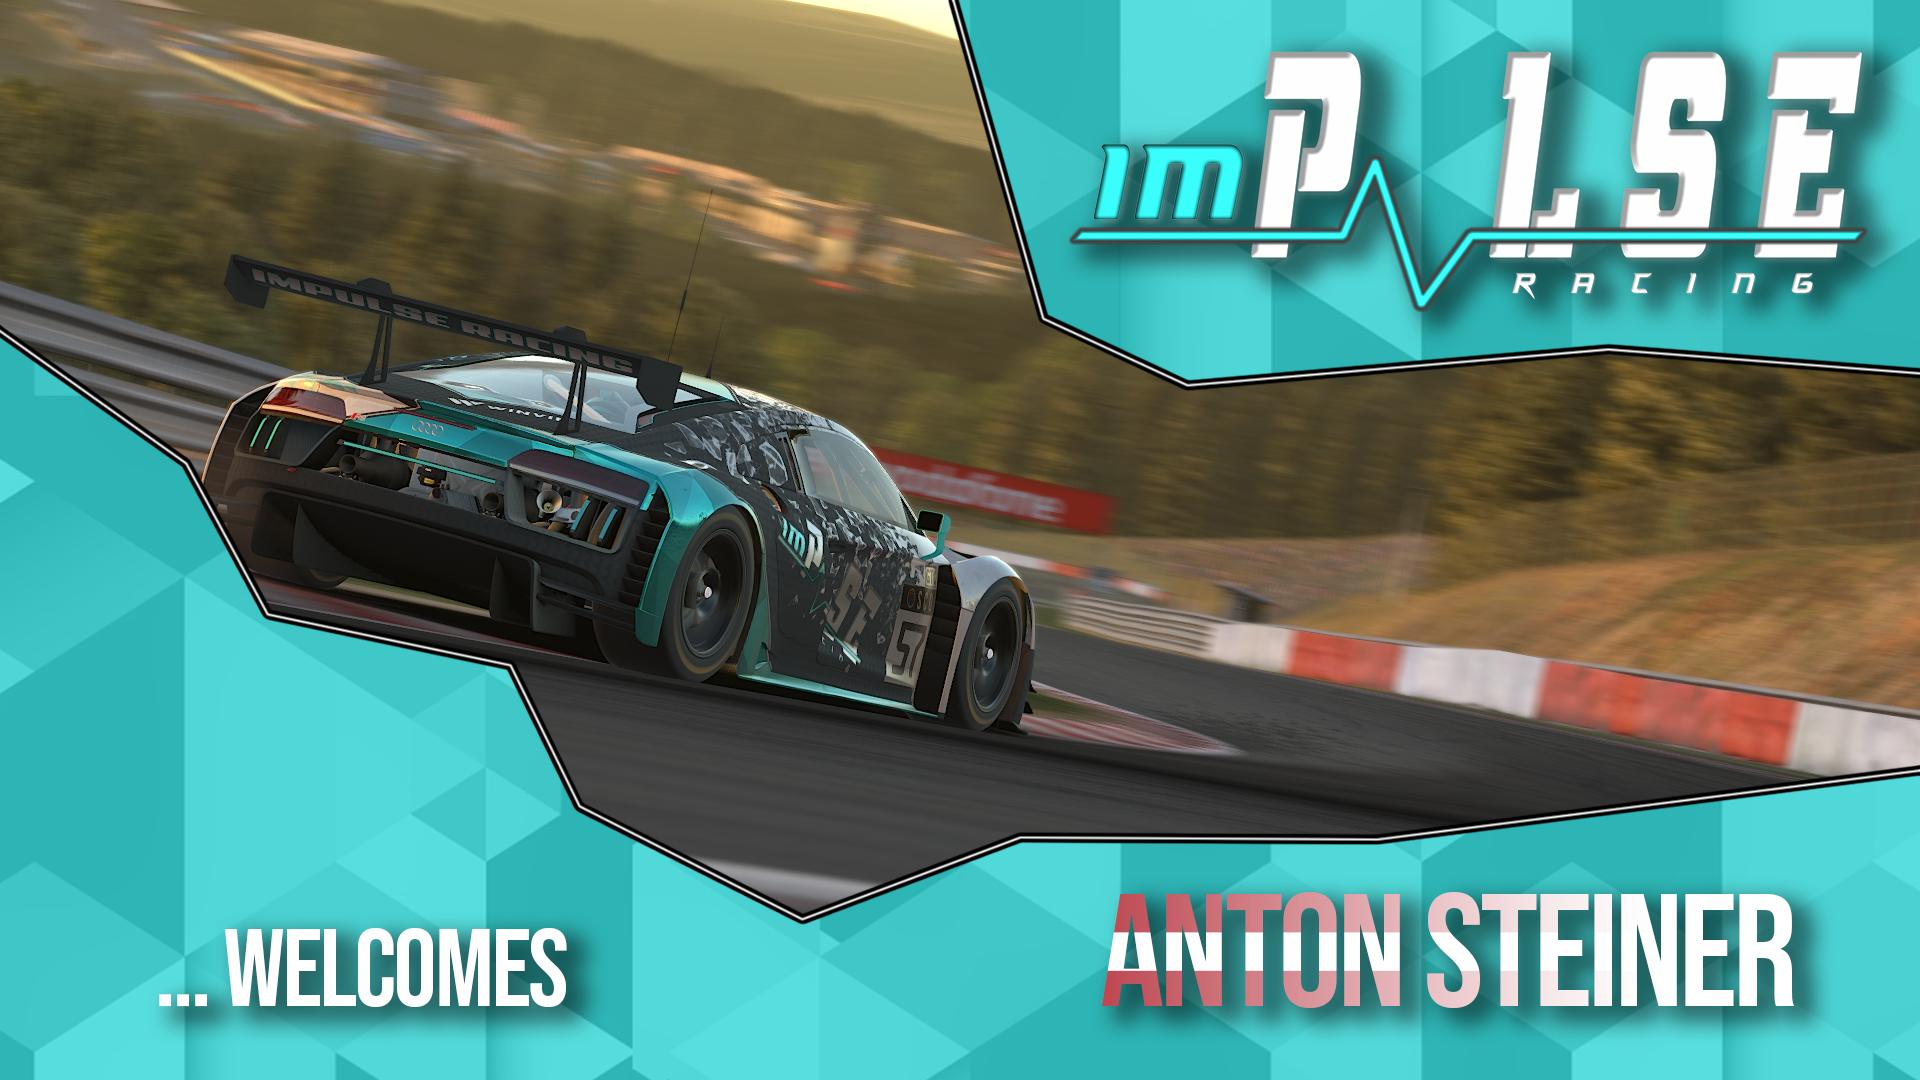 Welcome Anton Steiner